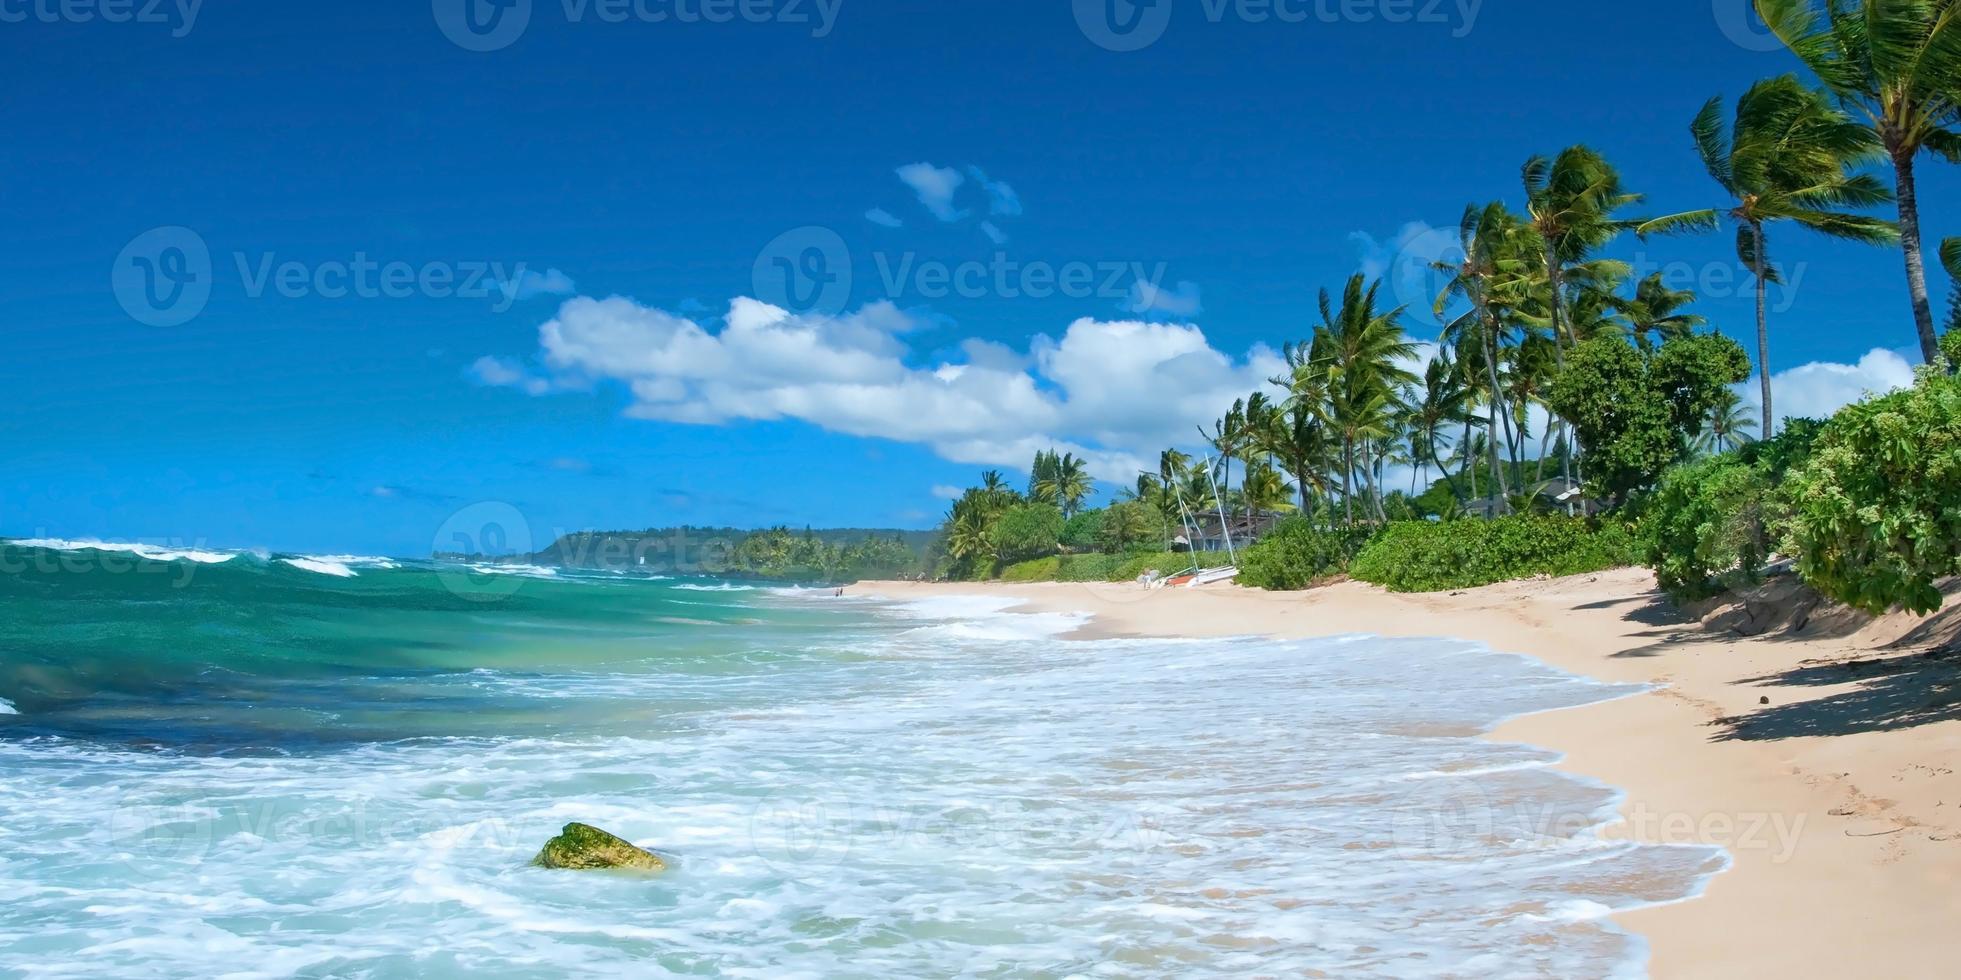 plage de sable vierge avec palmiers et panorama de l'océan azur photo